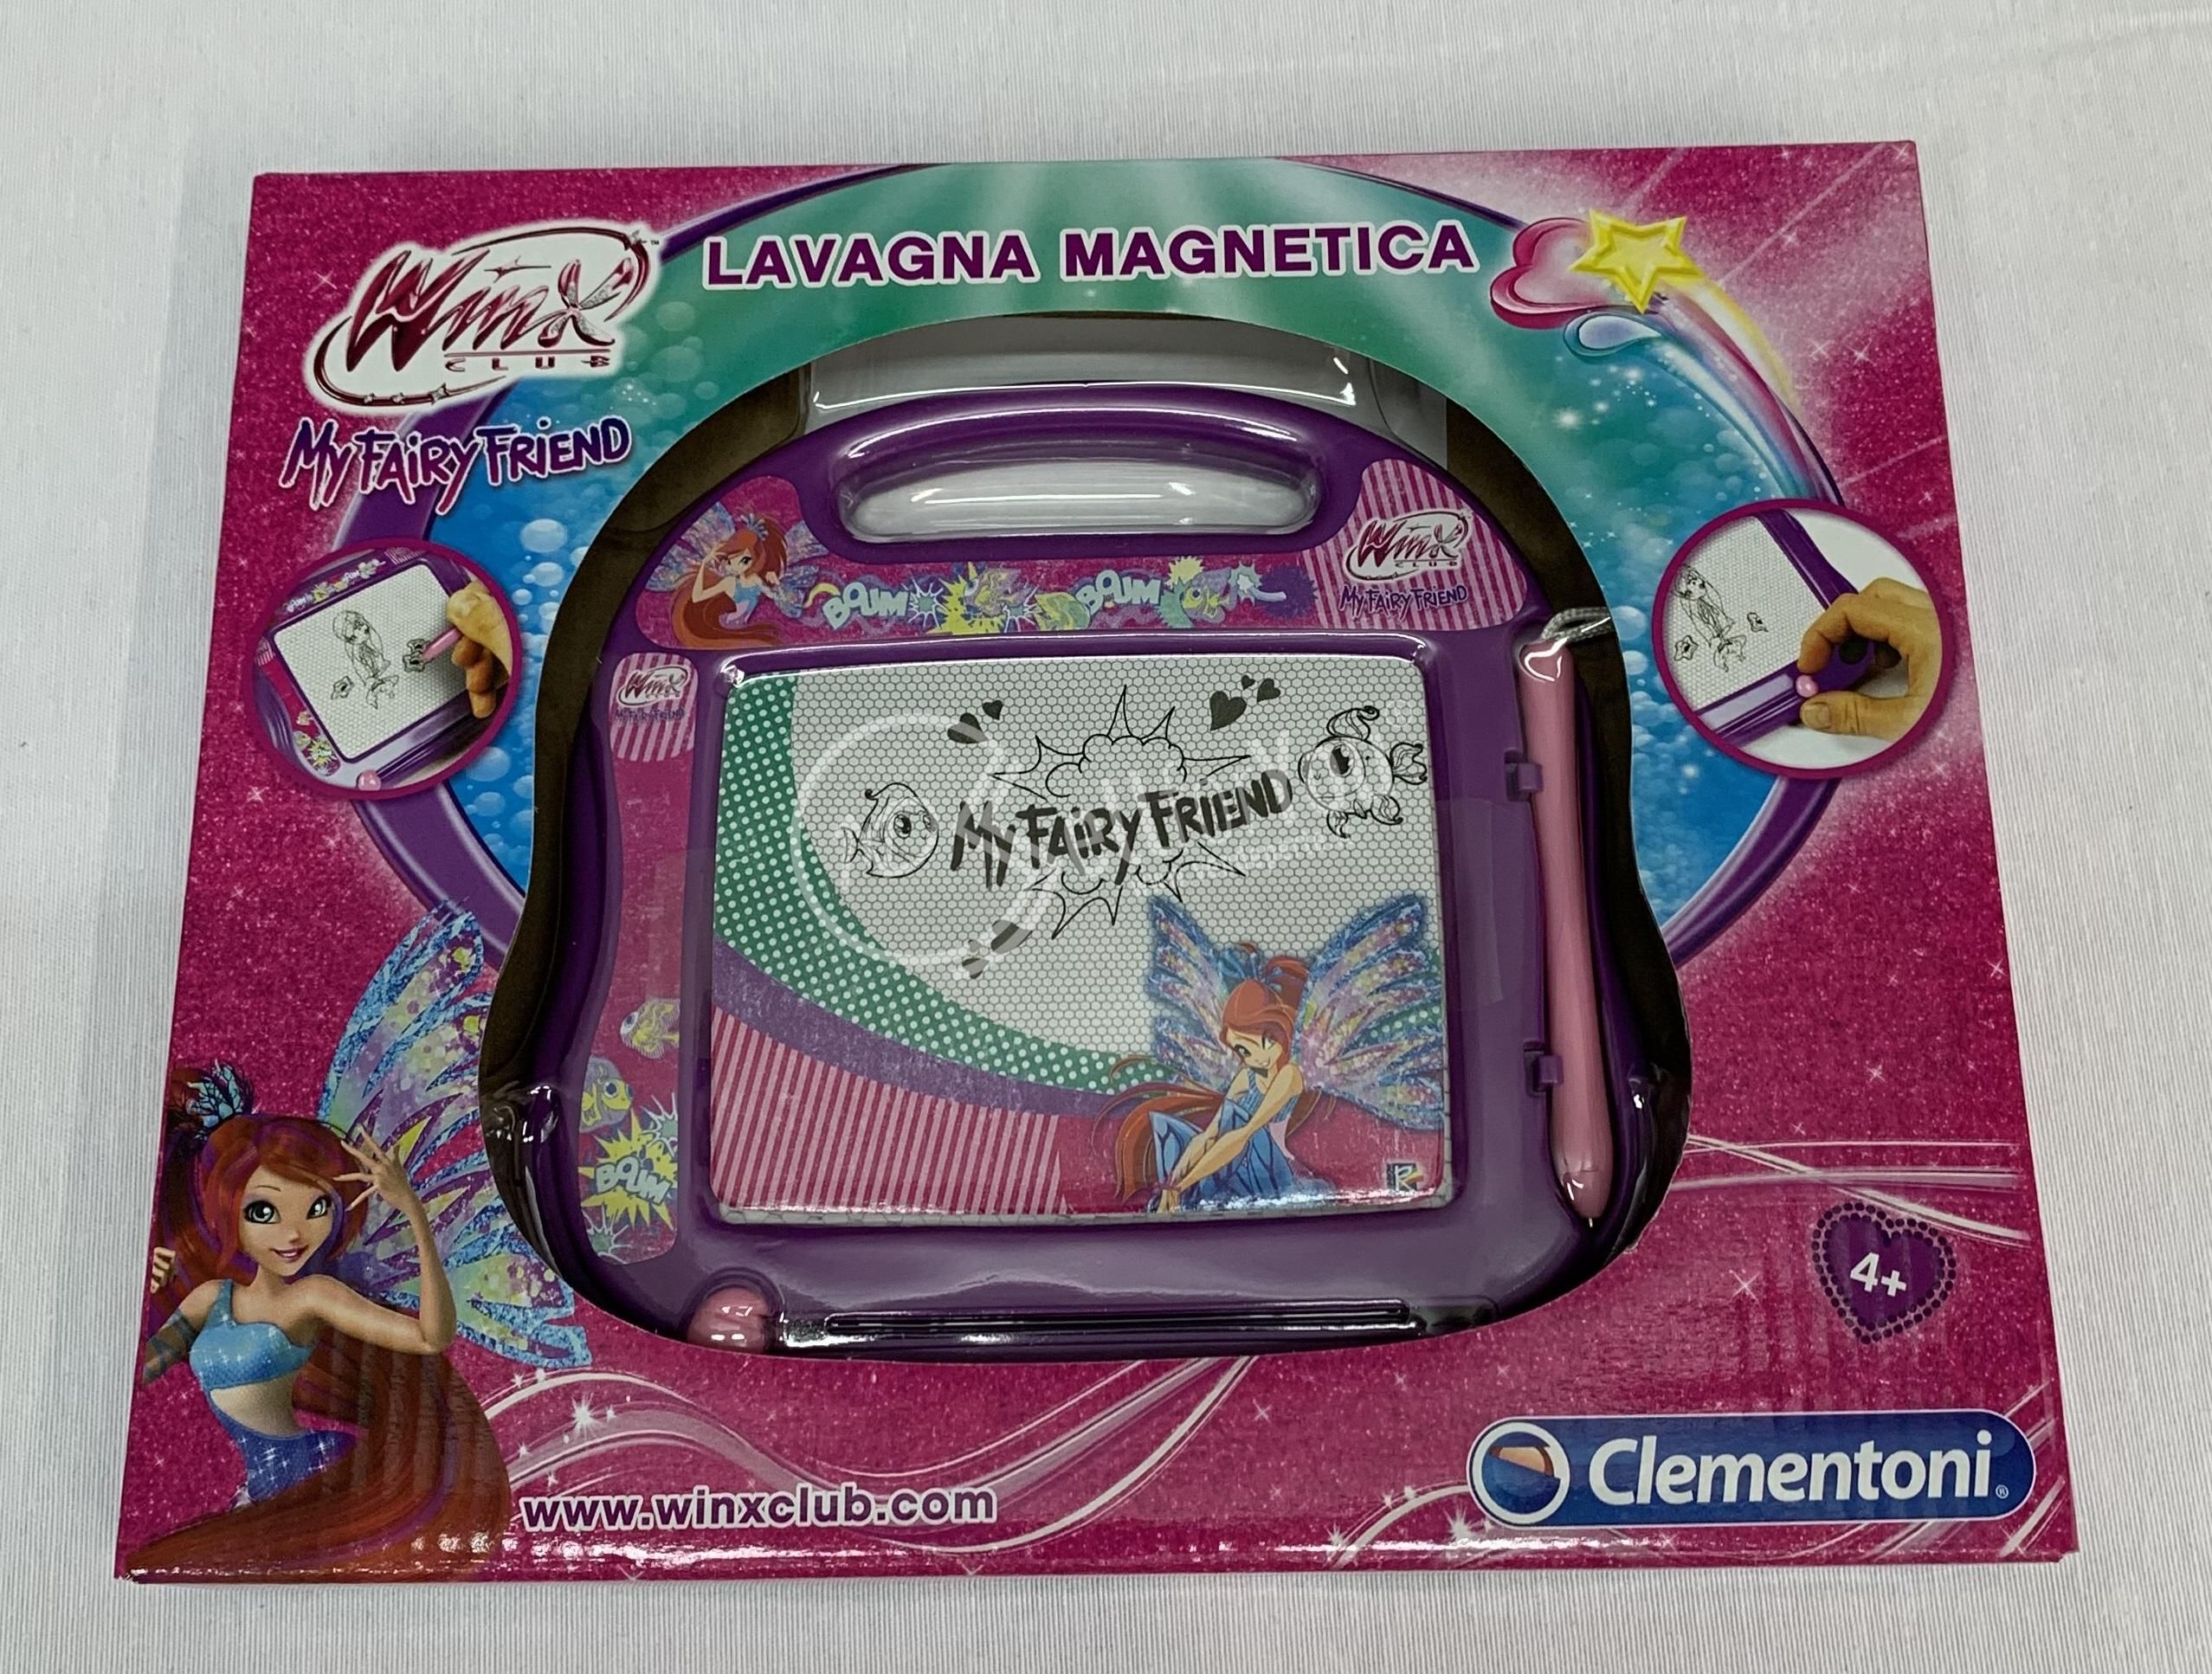 sellforyou immagine default articolo correlato non trovatoLavagna magnetica Winx - Clementoni 15785